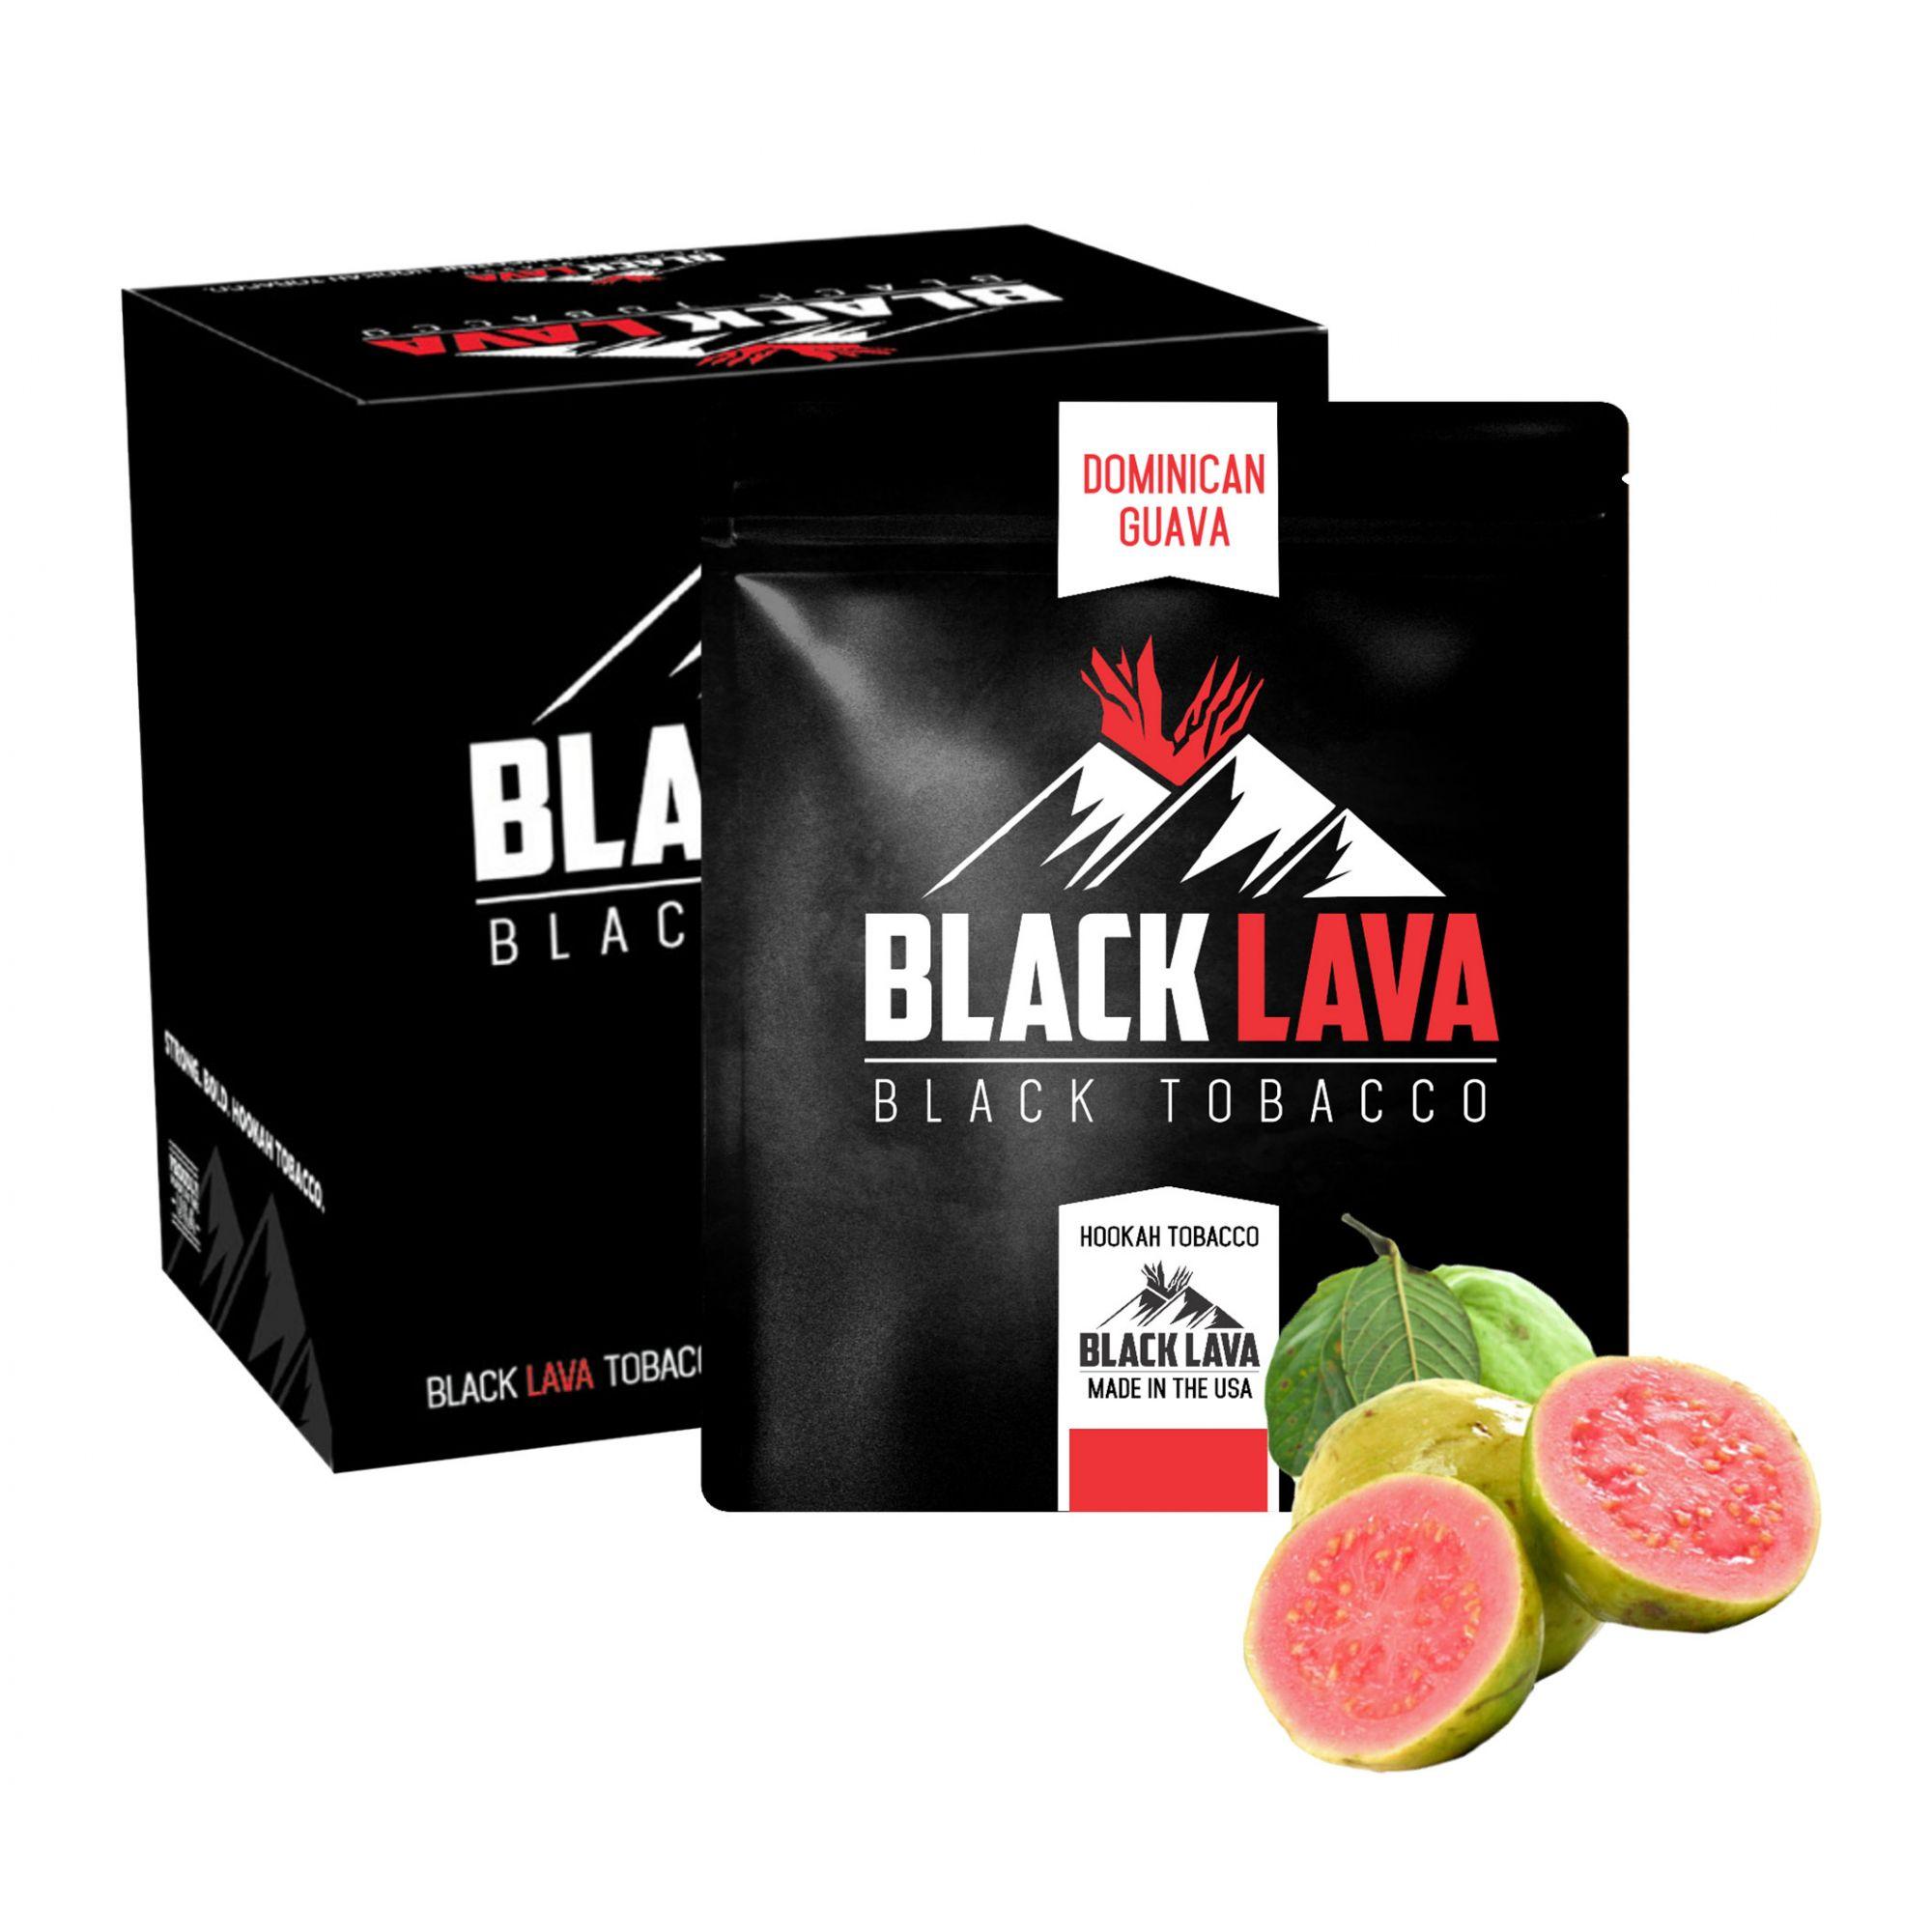 Black Lava - Dominican Guava 200g